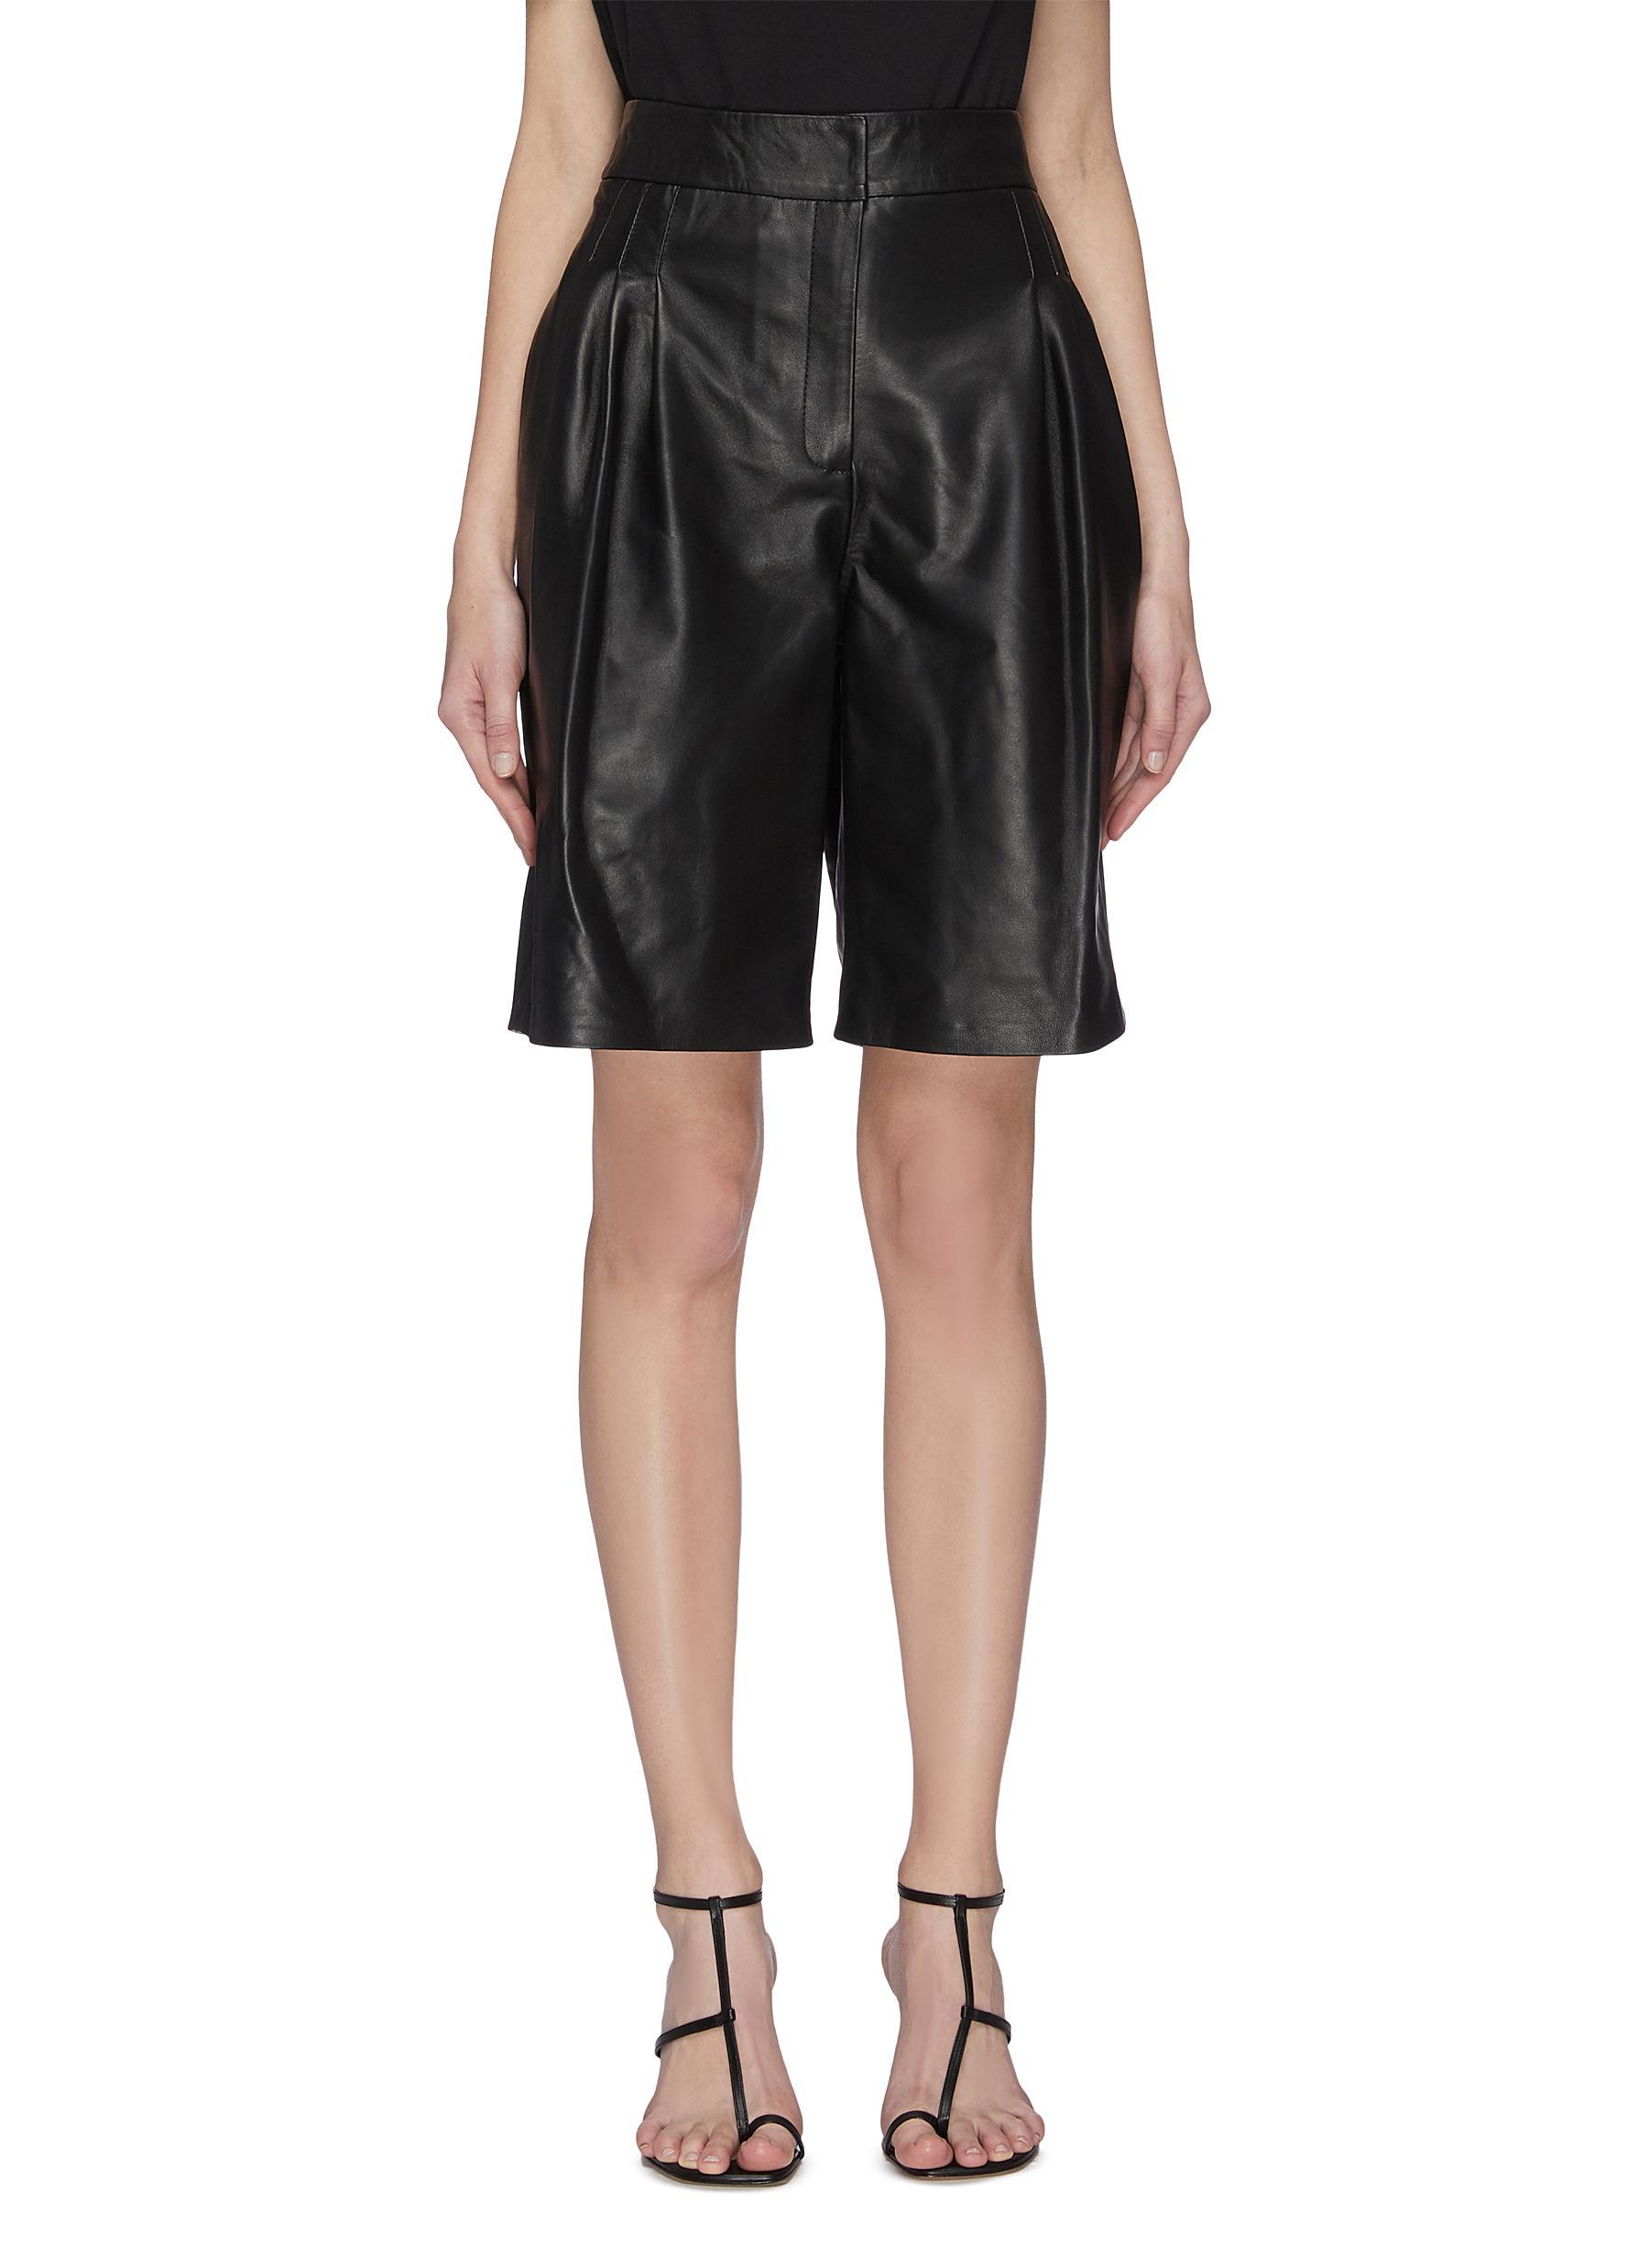 Buy 16Arlington Pants & Shorts 'Grant' nappa leather shorts